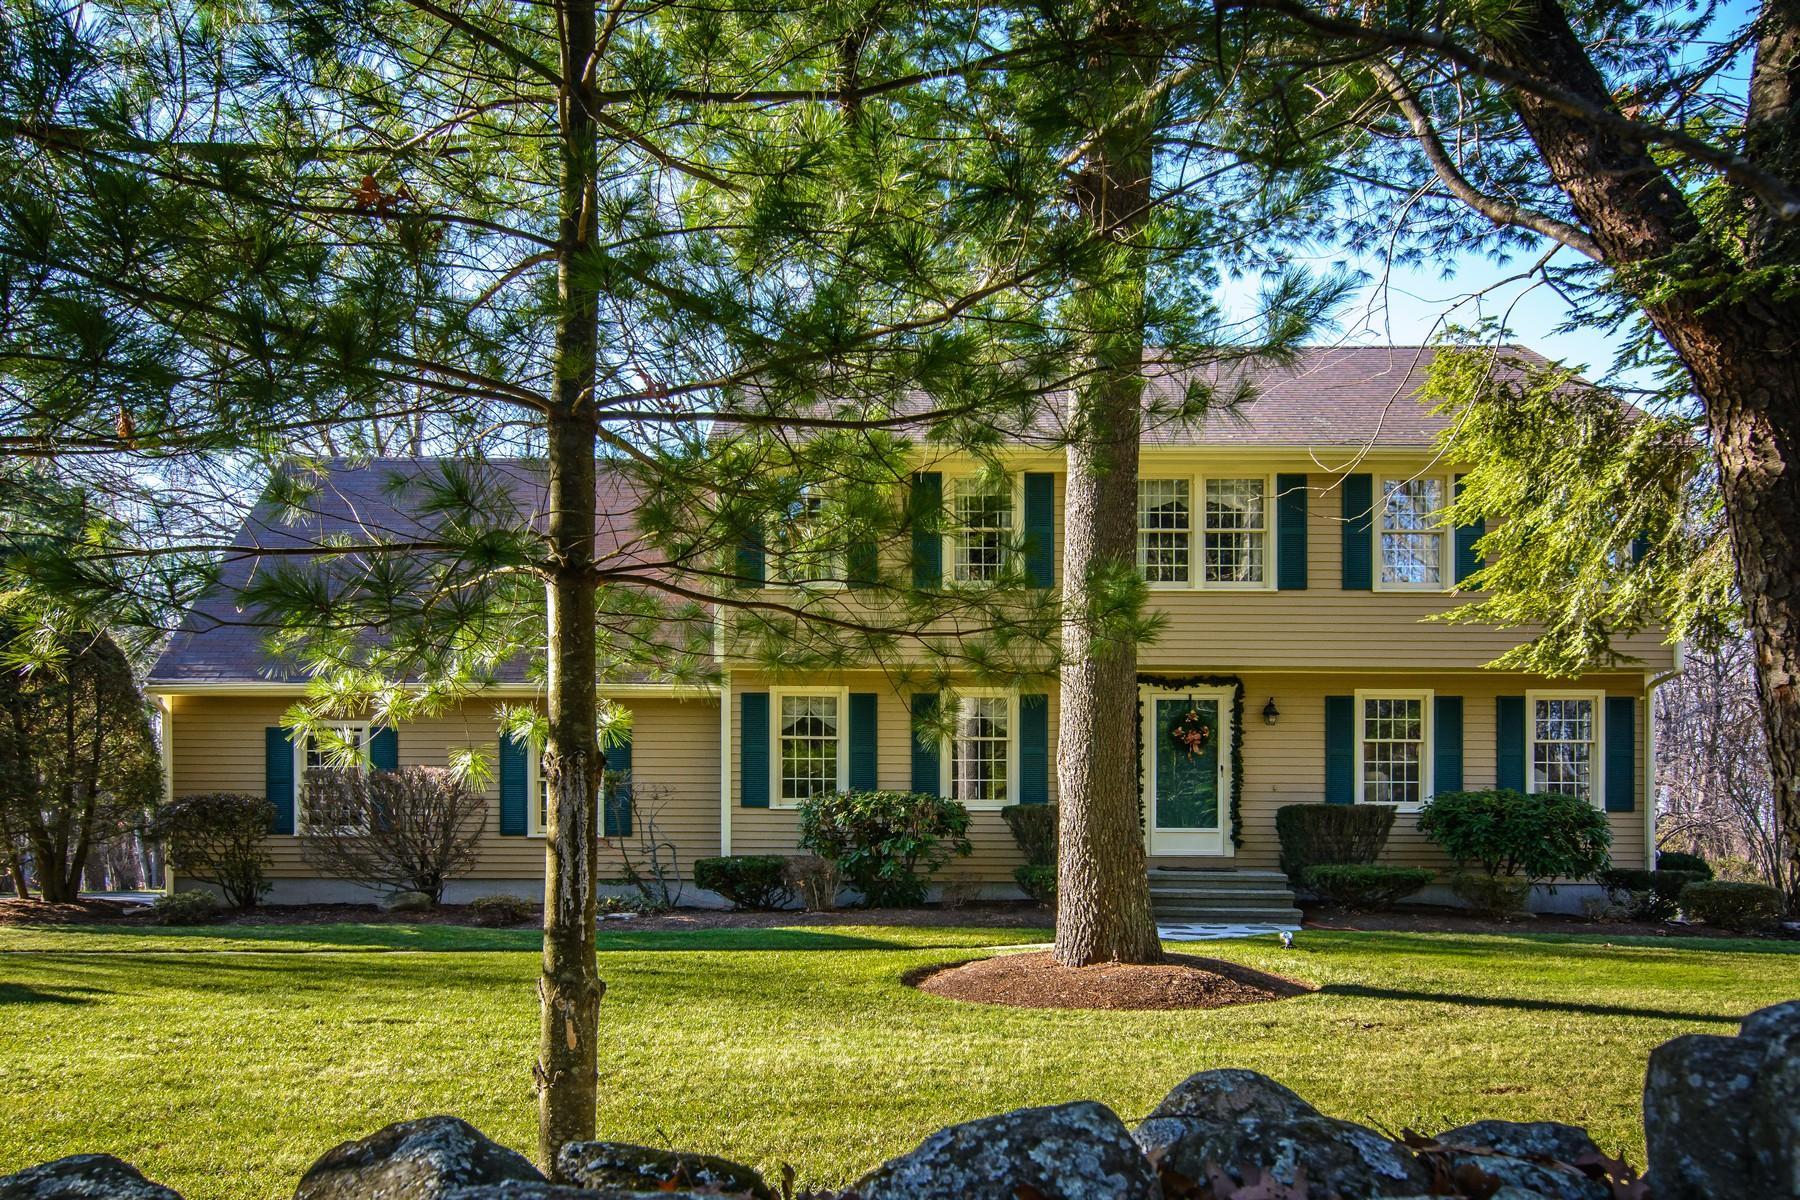 Maison unifamiliale pour l Vente à Lovely Colonial on a Country Road 33 Lackey Street Westborough, Massachusetts, 01581 États-Unis